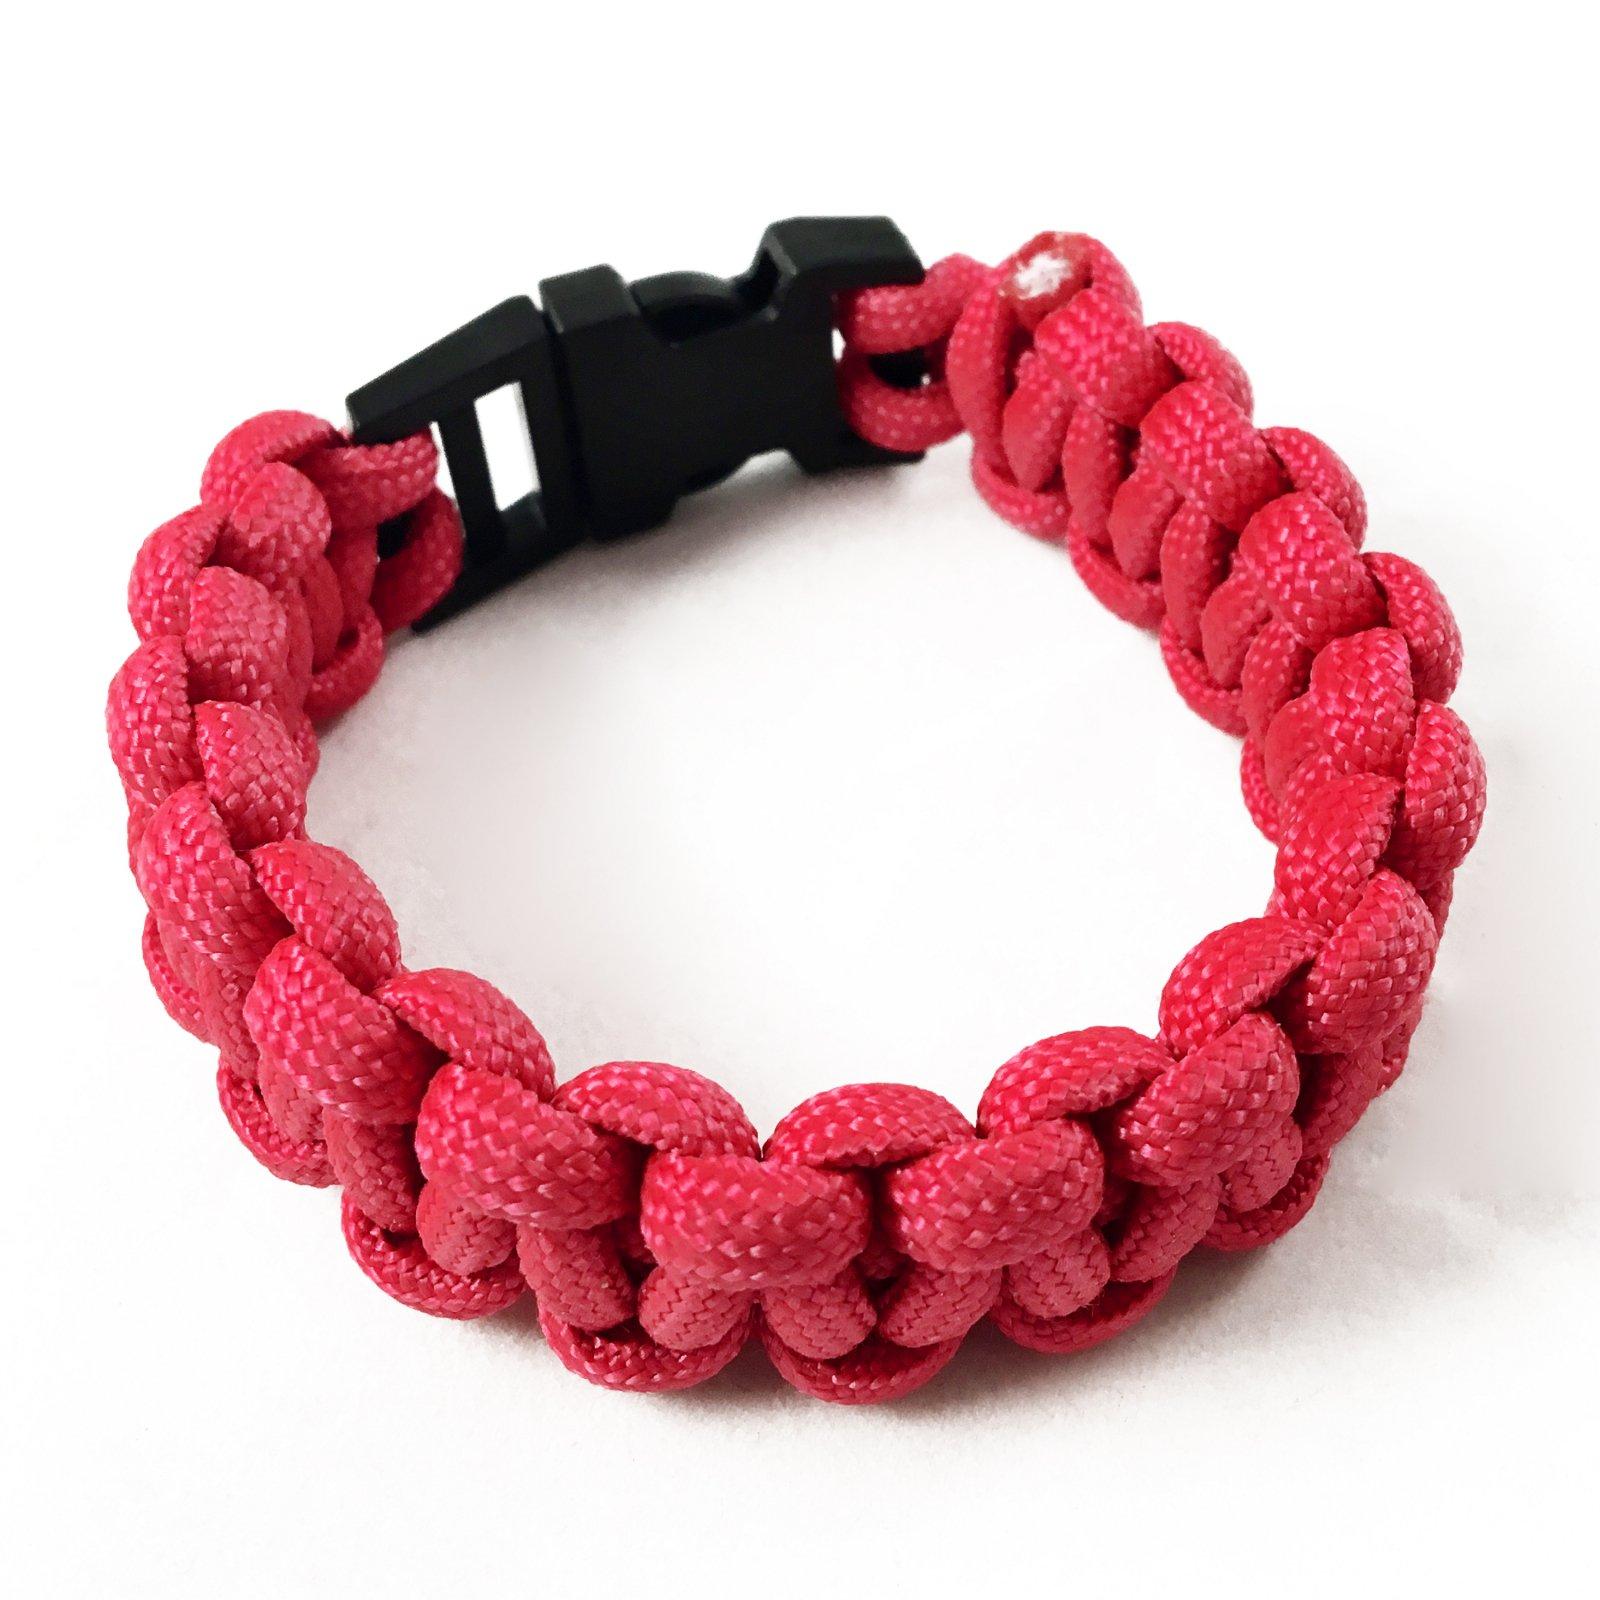 ASR Outdoor - Paracord Bracelet - Pink